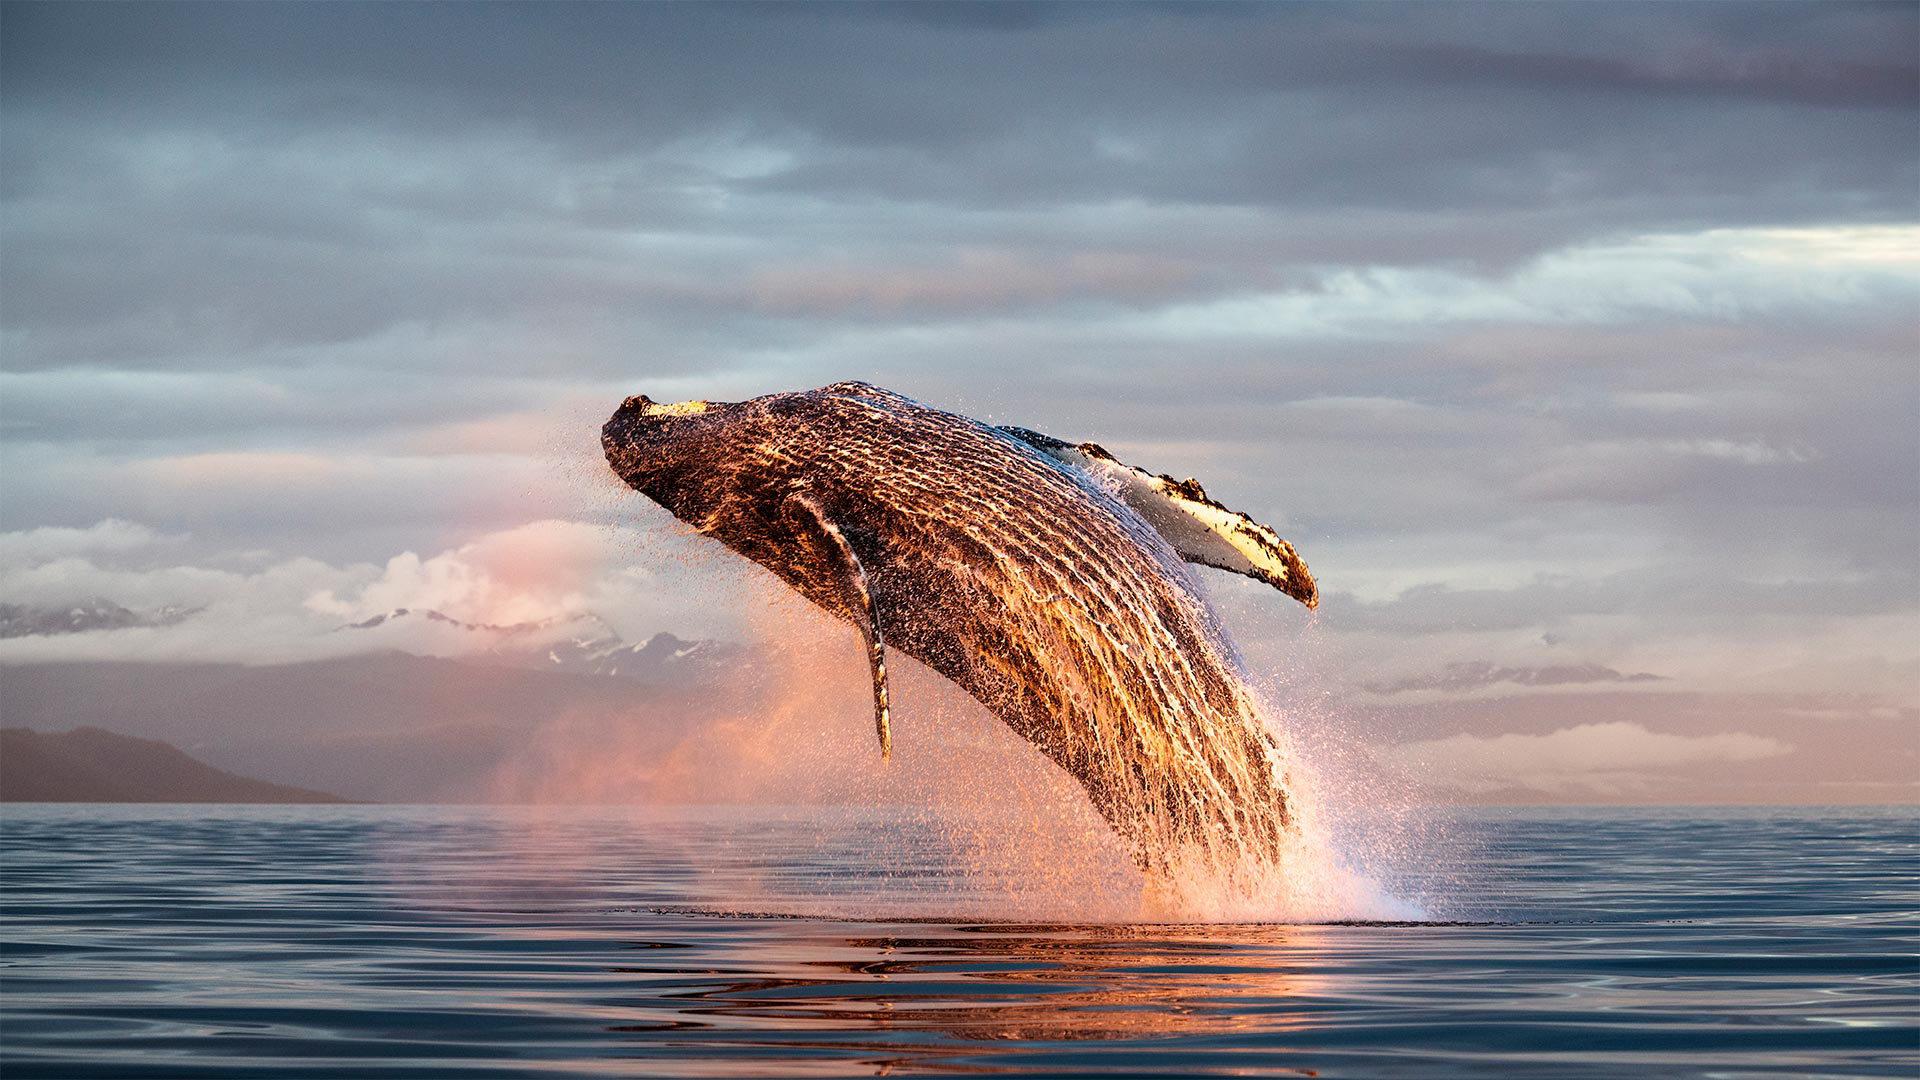 北太平洋弗雷德里克海峡中的座头鲸冲出海面座头鲸